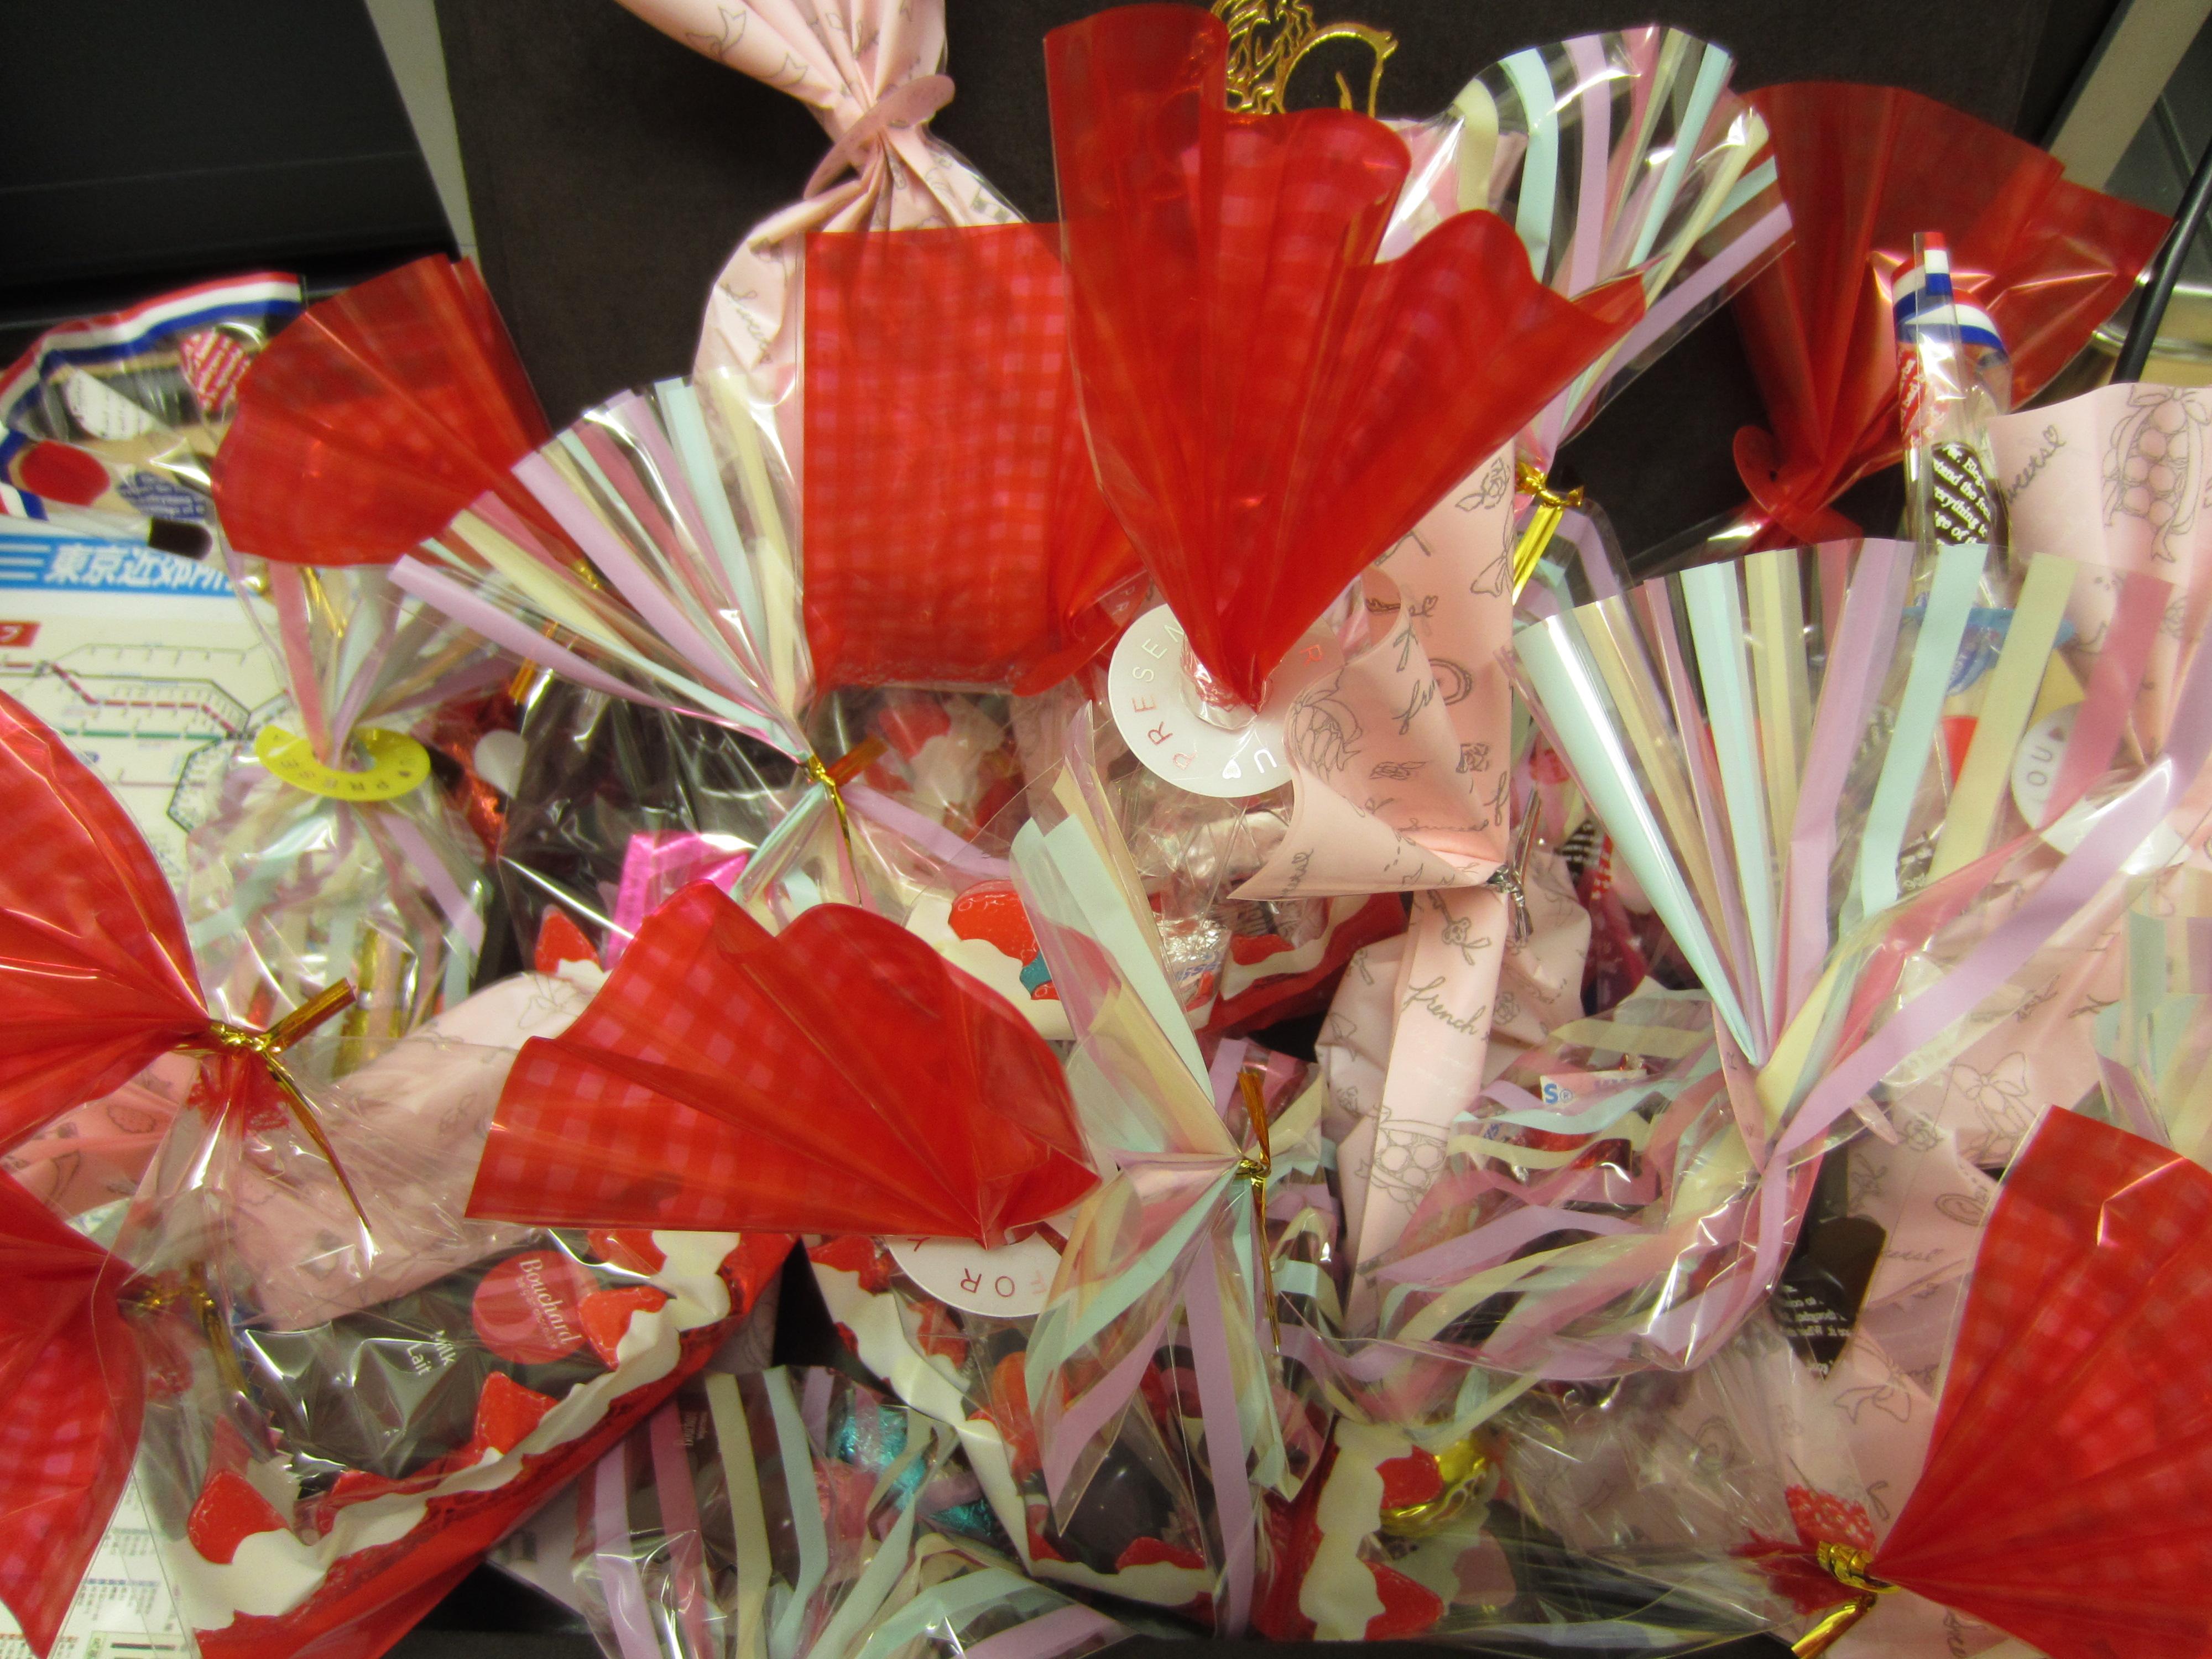 ☆バレンタインデー♥&♥ホワイトディ♥キャンペーン実施中です☆